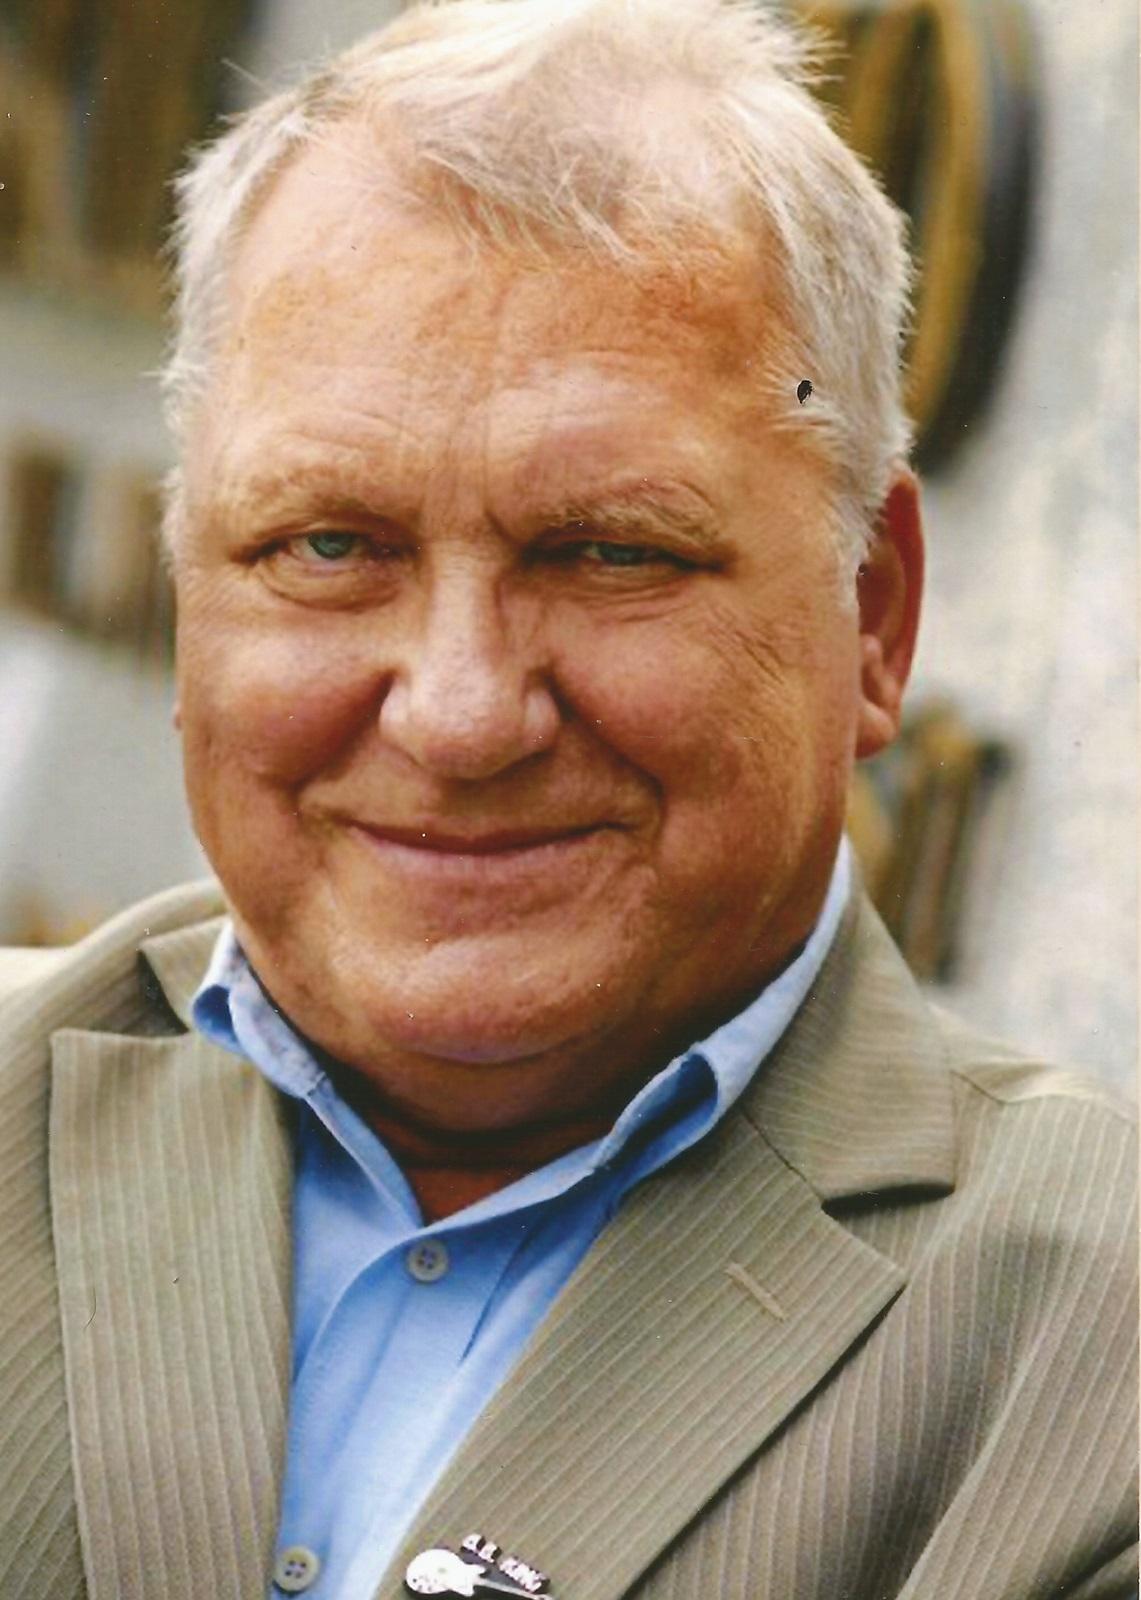 Marek GaszyNski